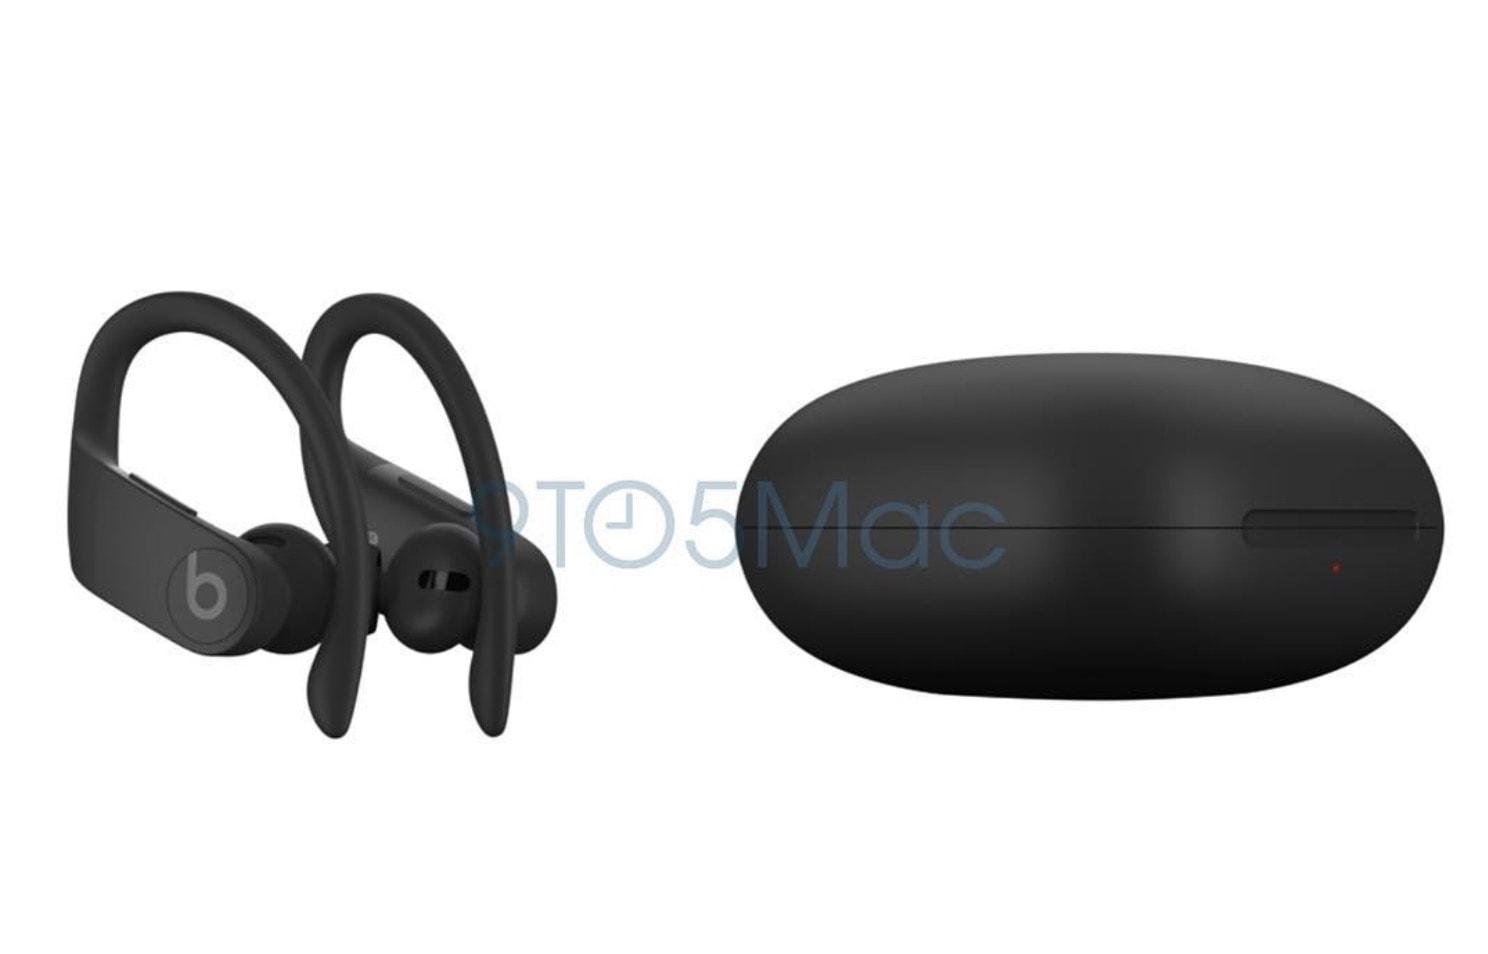 Powerbeats Pro (Truly Wireless IEM from Apple/Beats